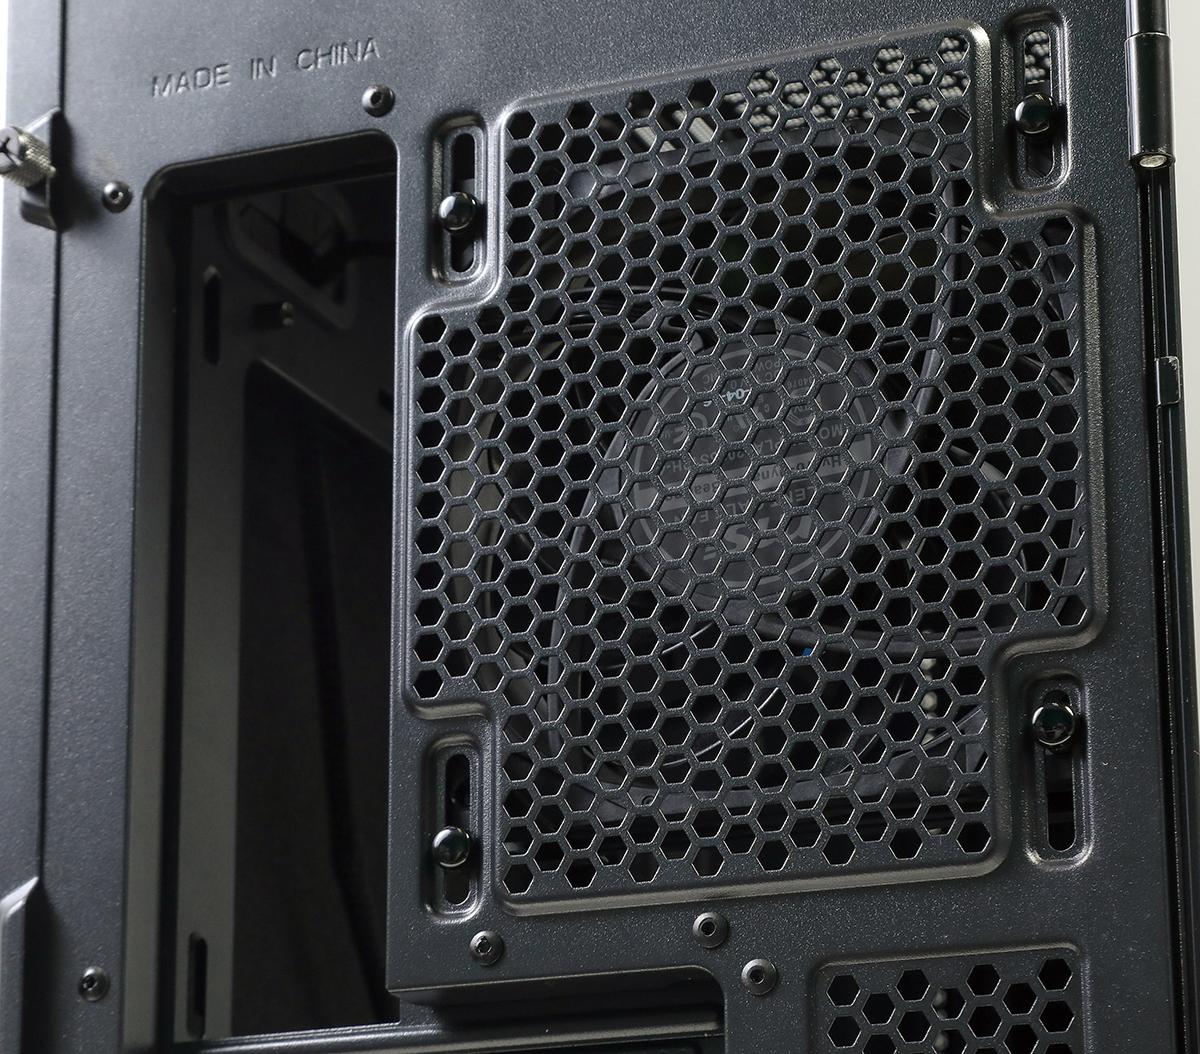 附送的 MEG SILENT GALE P12 風扇不但工作寧靜,同樣也採用多項技術加強散熱性能,如採用 32 度最佳化的傾角,可保留 58% 的氣流量,達至最佳散熱效果。